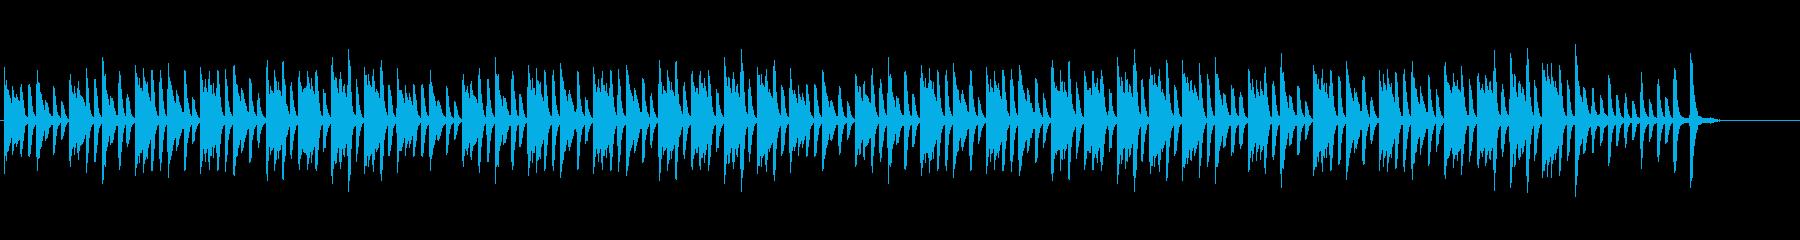 ほのぼの系ピアノソロの再生済みの波形